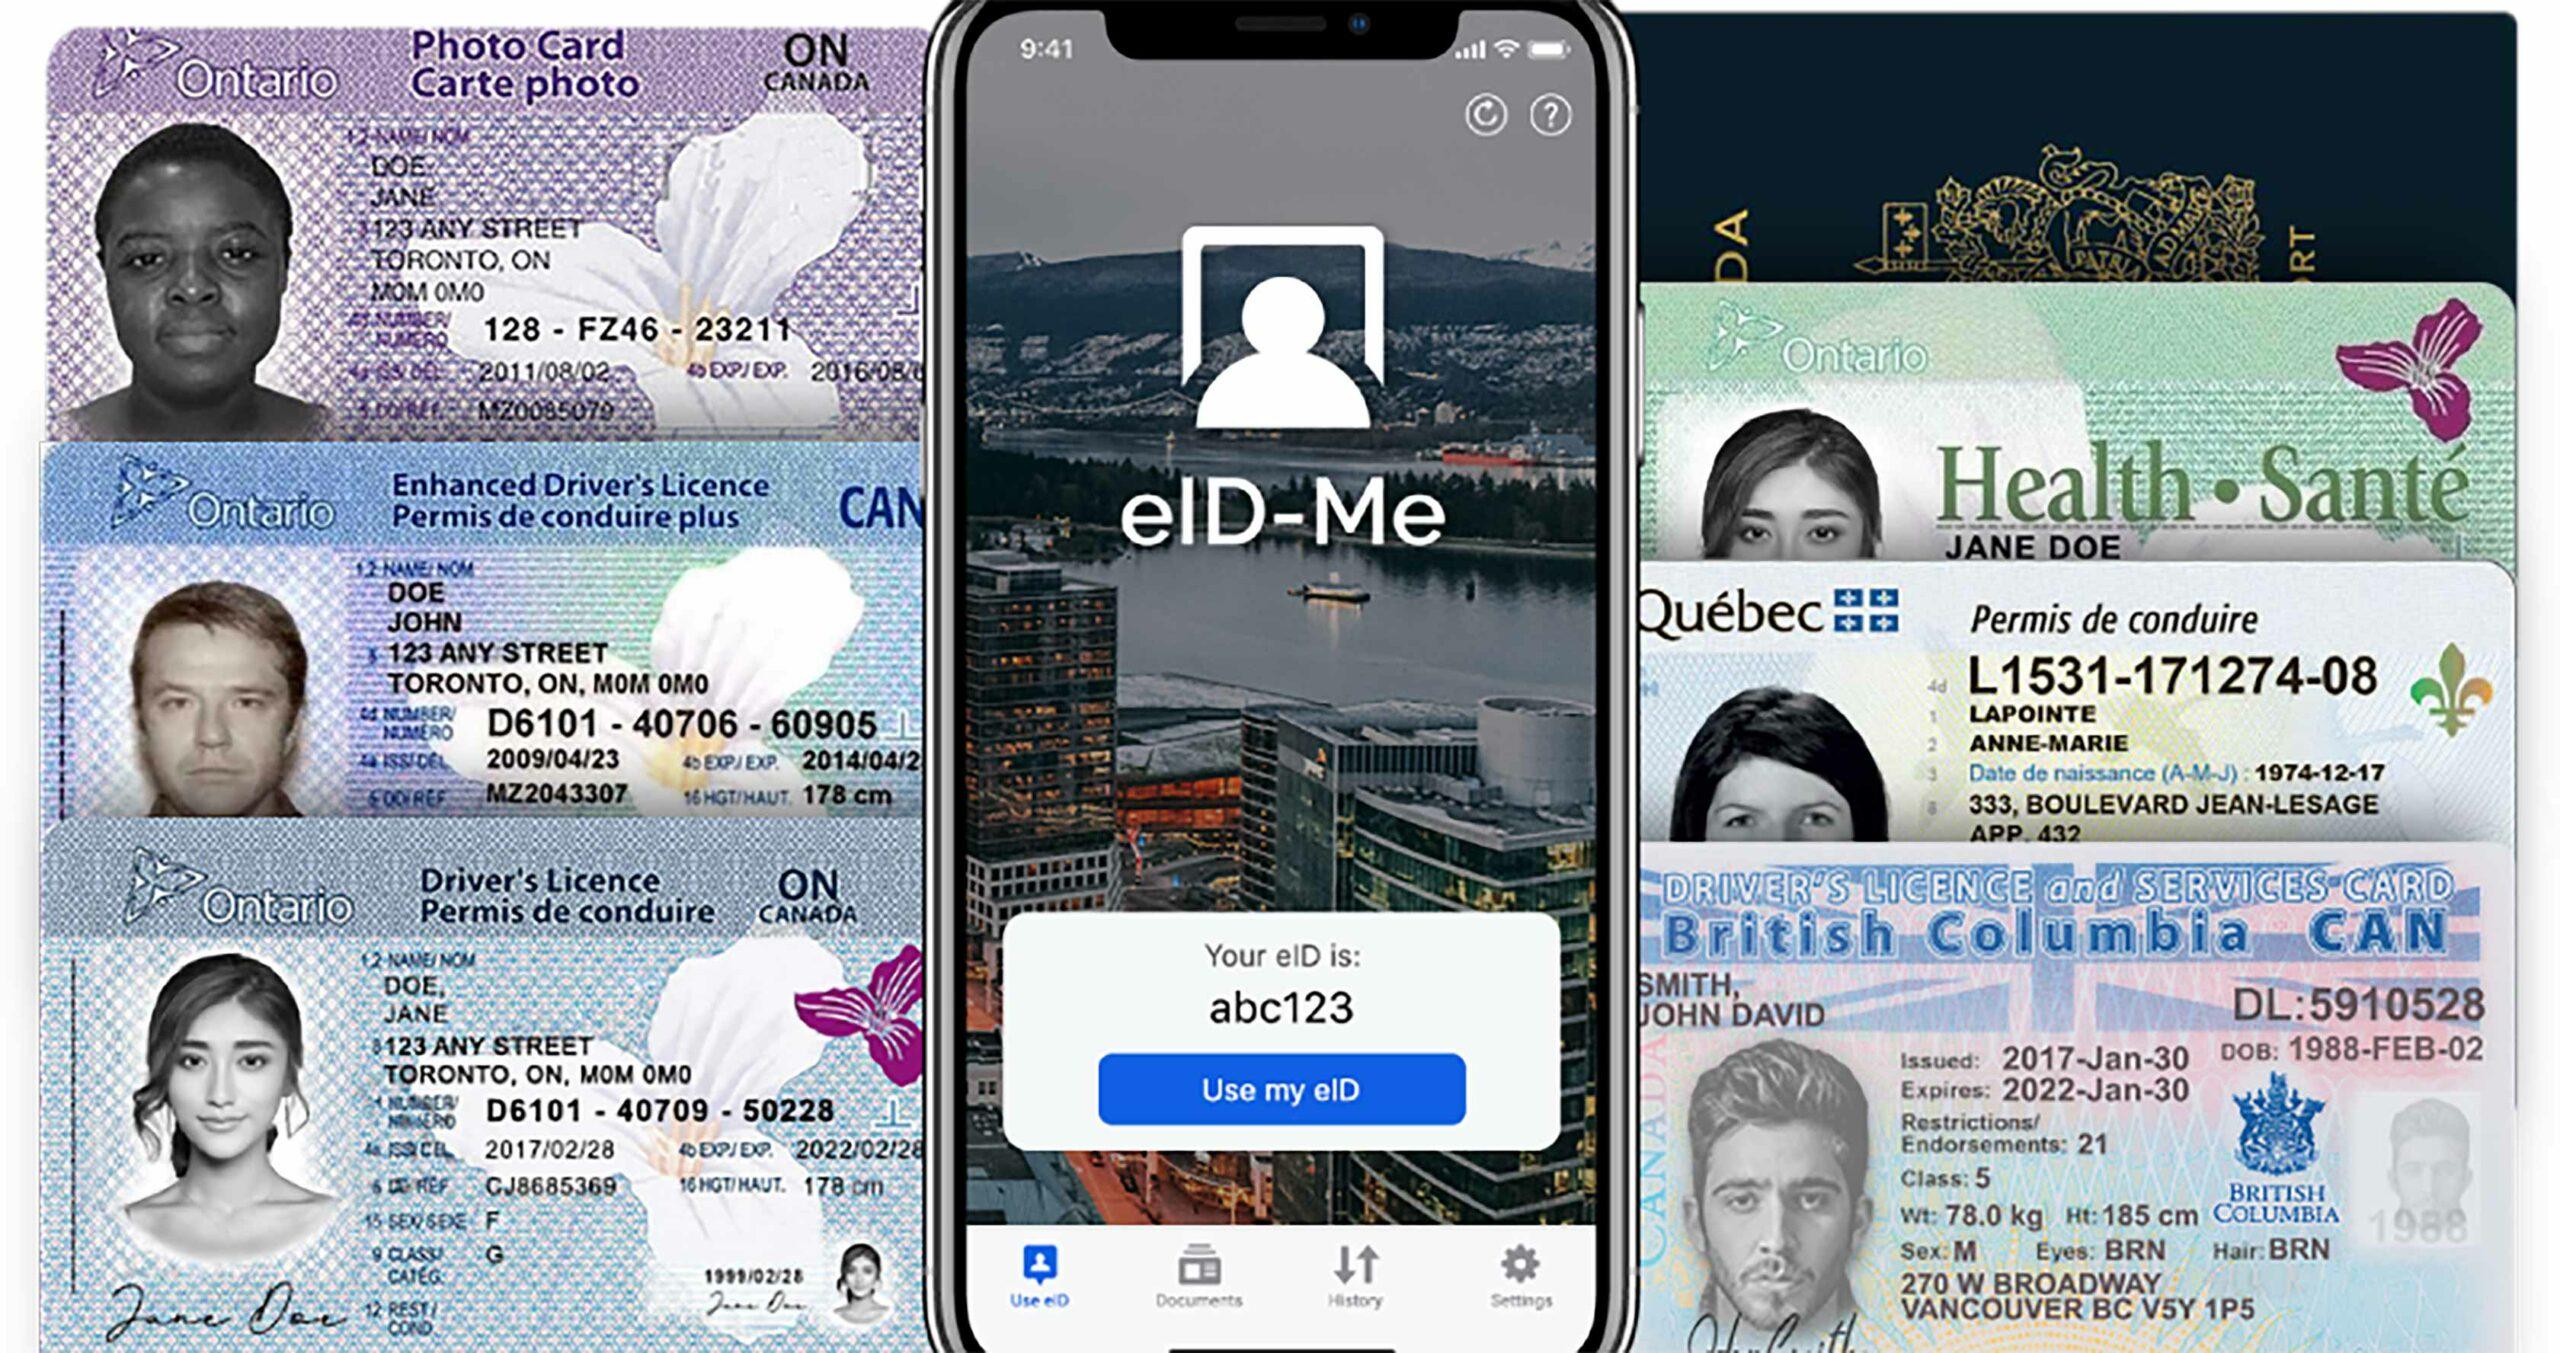 eID-Me BC